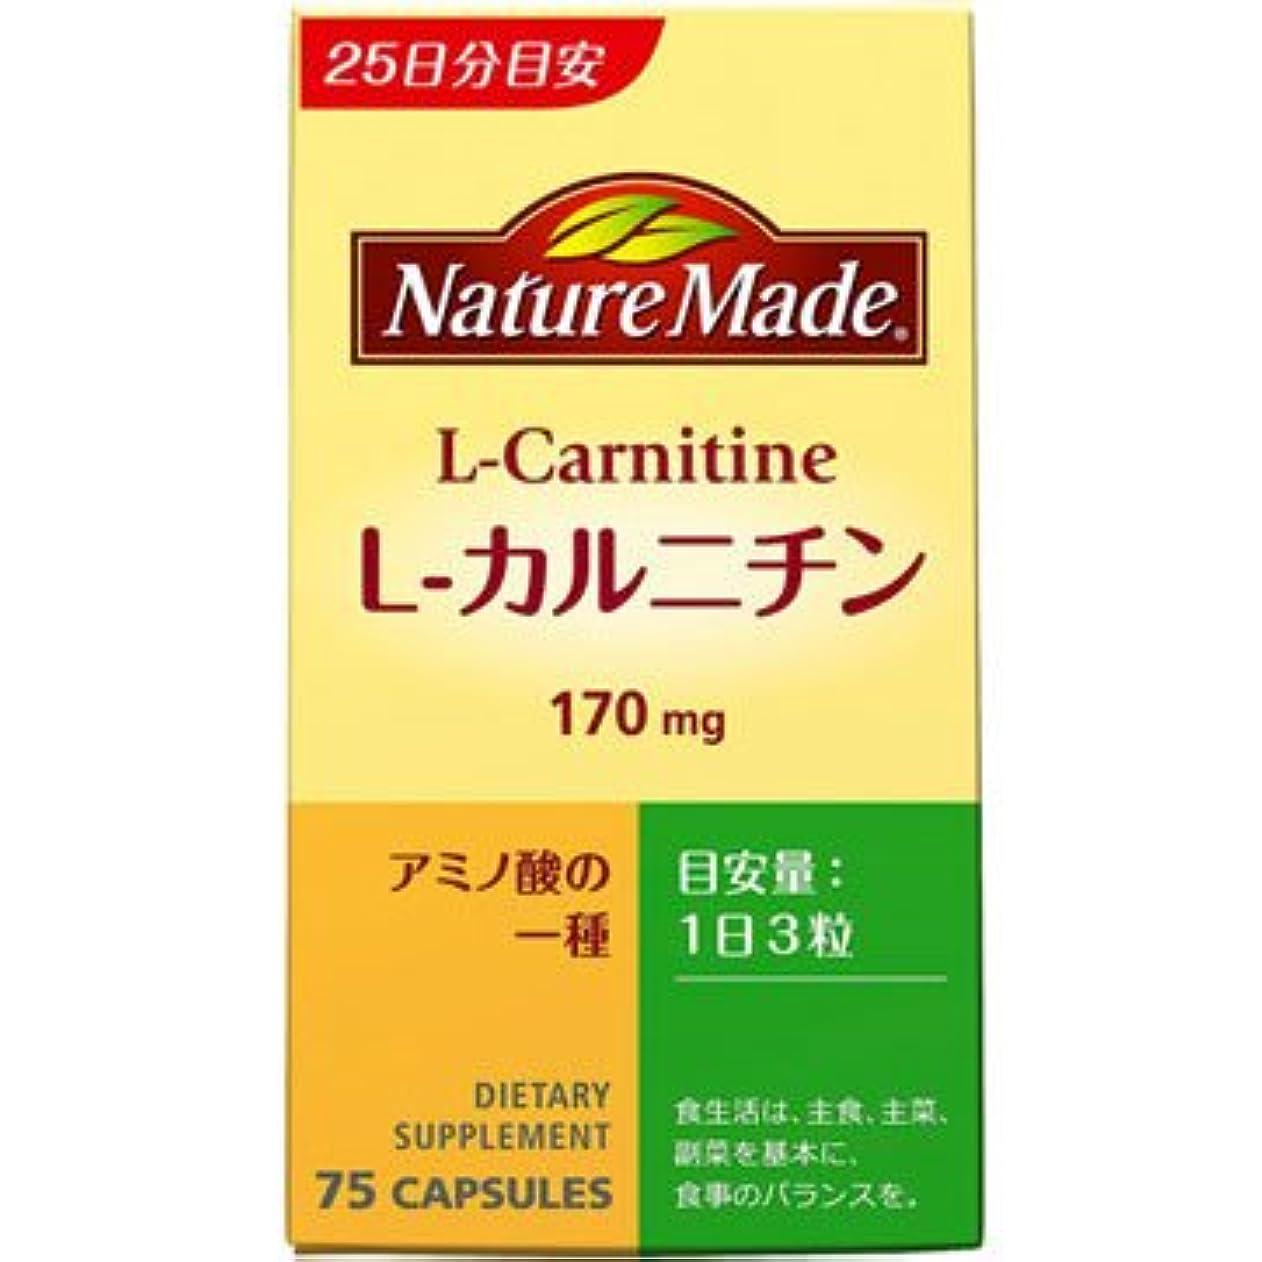 ずんぐりした虐待段階ネイチャーメイド L-カルニチン 75粒 [ヘルスケア&ケア用品]